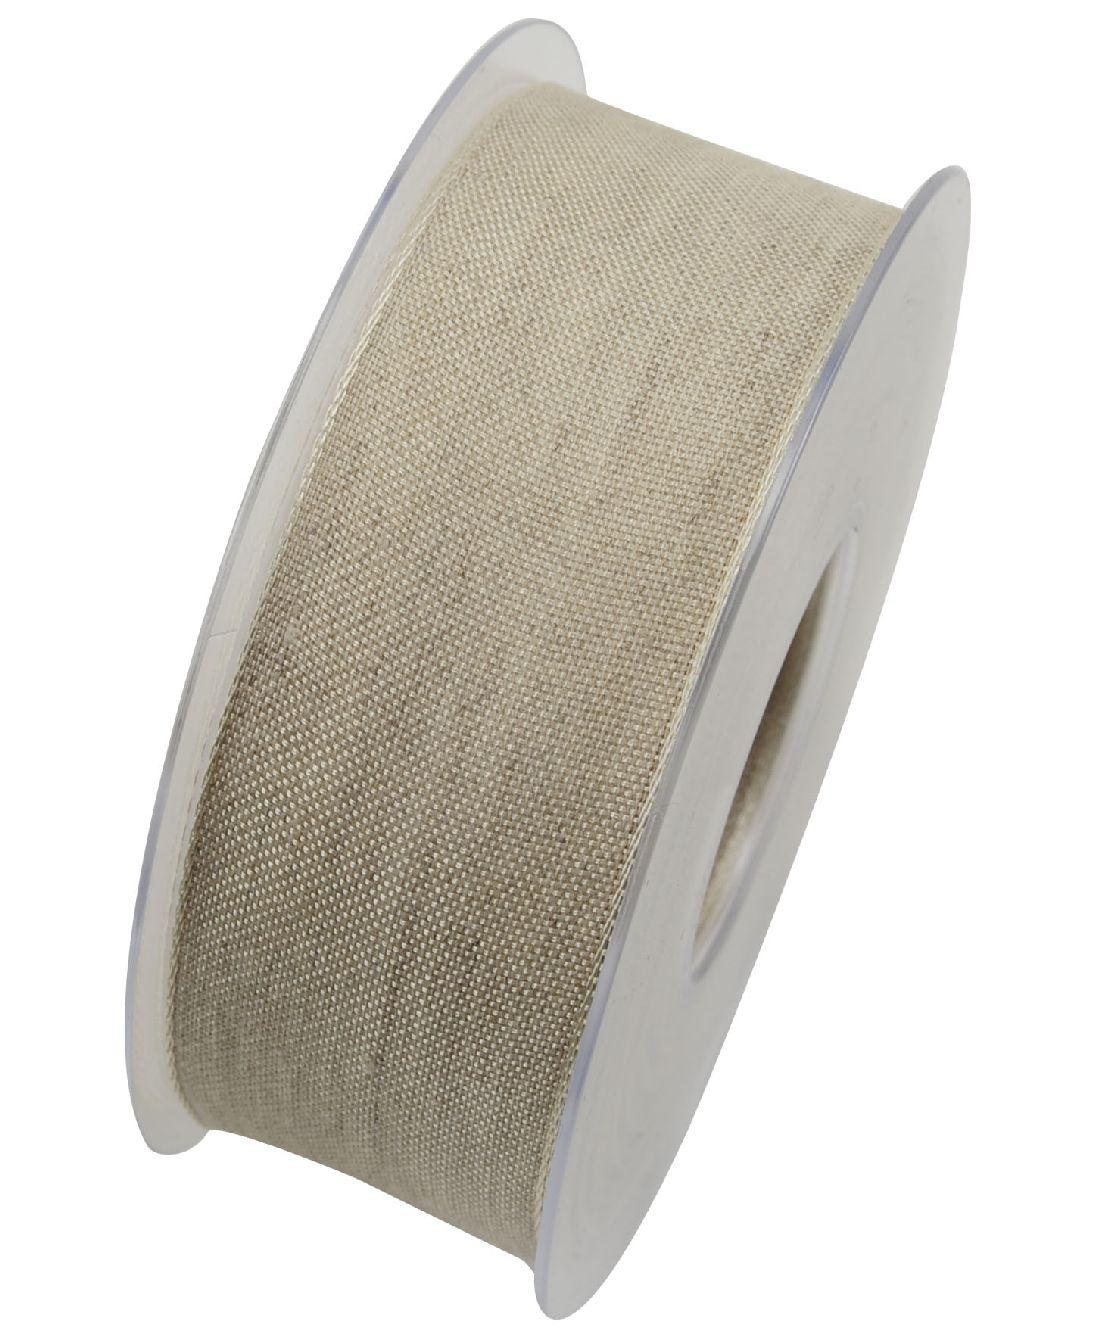 Band Botswana Leinenband NATUR X092 02 40mm  20Meter Drahtkante